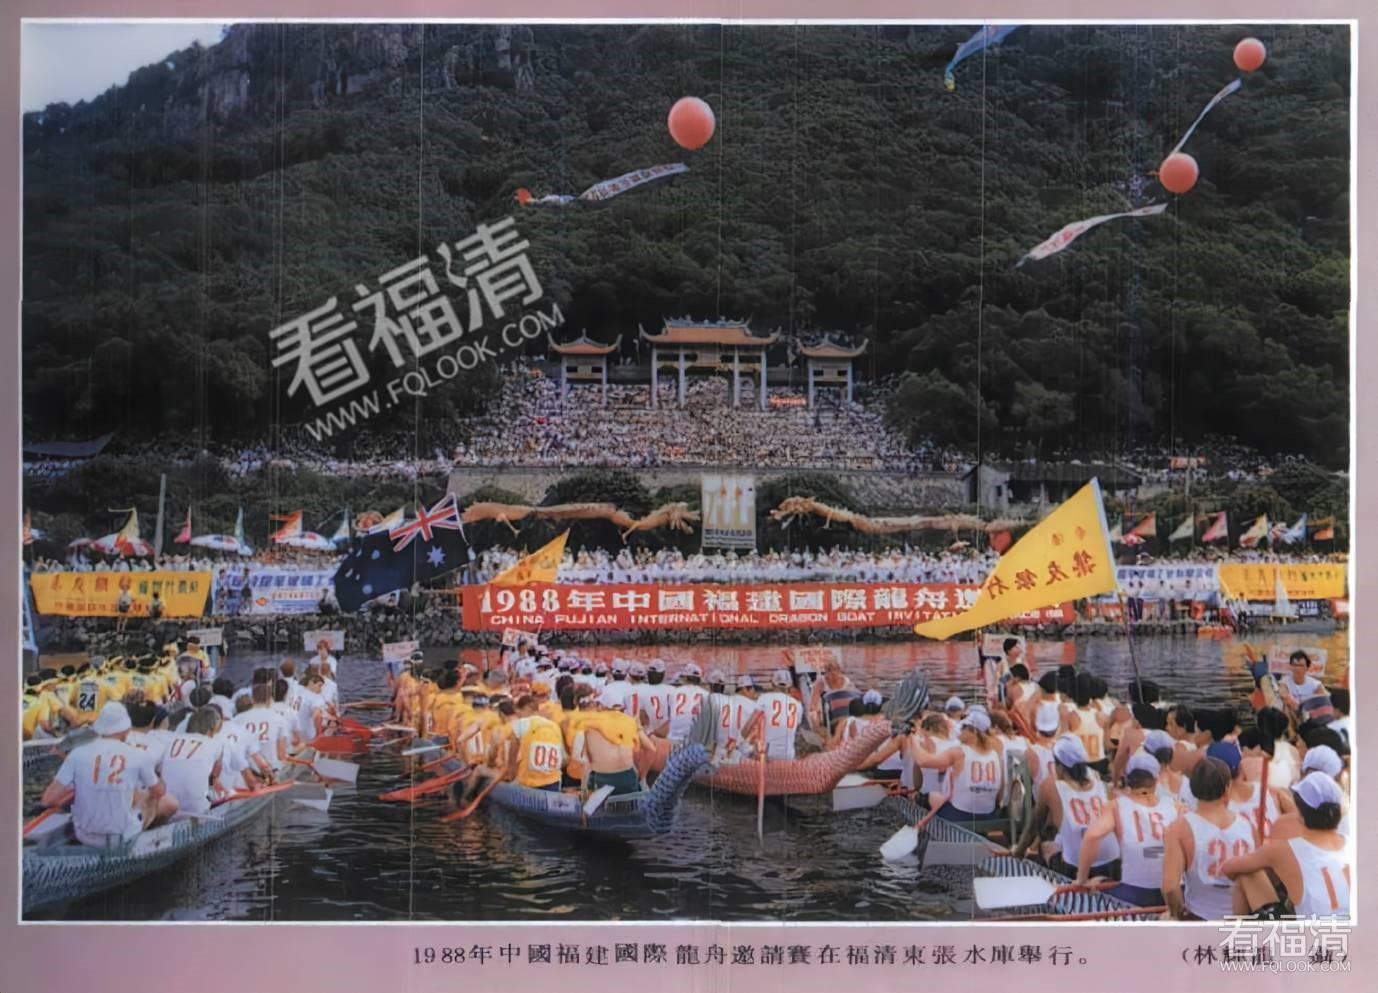 1988年的福建国际龙舟赛就在福清举行,曹德旺赞助5万元